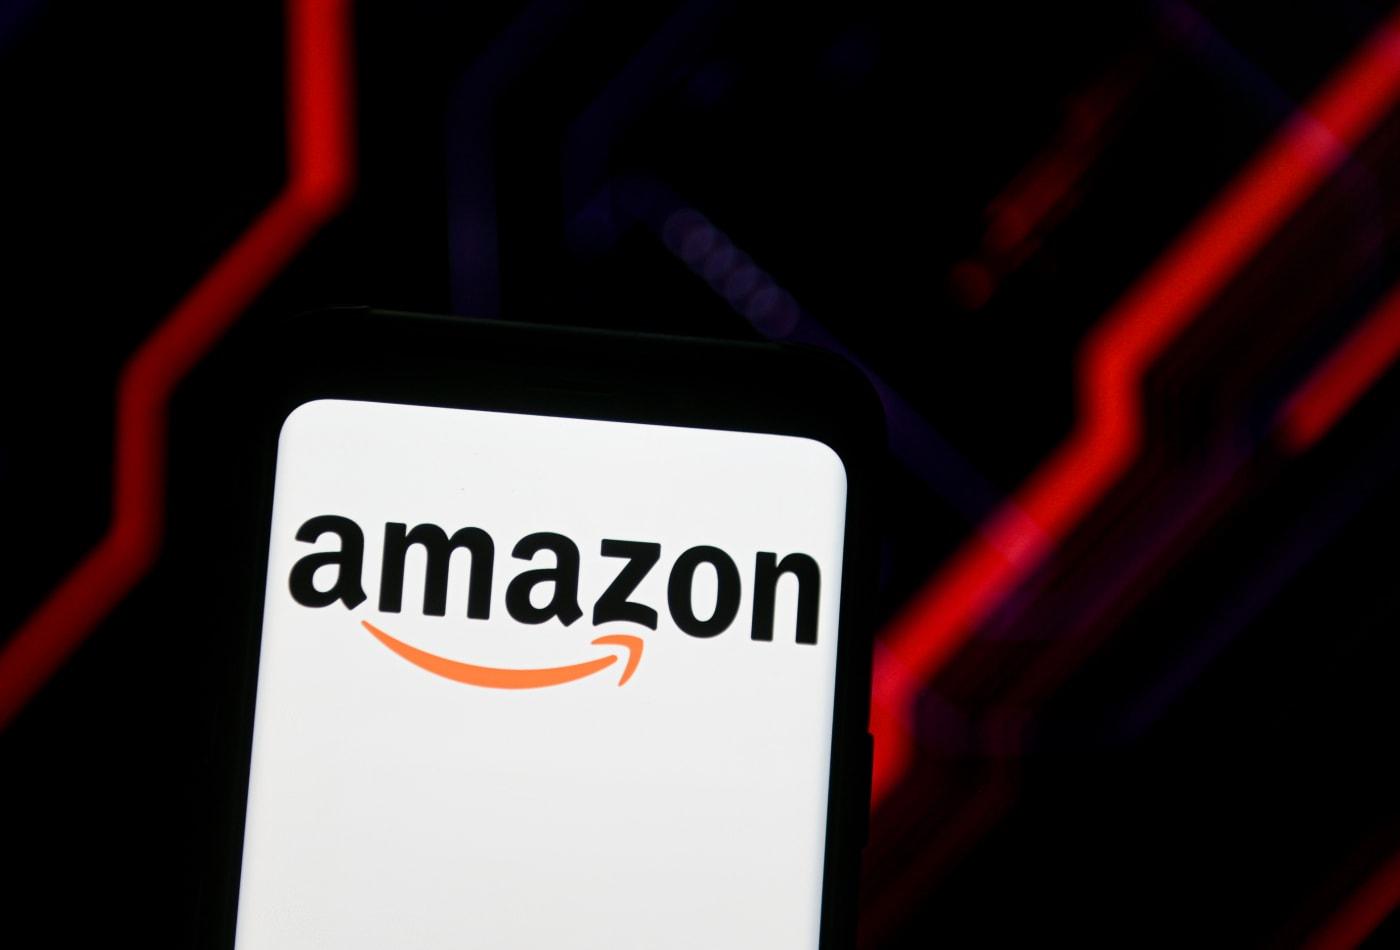 Giá trị thương hiệu của Amazon vượt mốc 400 tỉ USD, tăng 33% nhờ đại dịch COVID-19 - Ảnh 1.